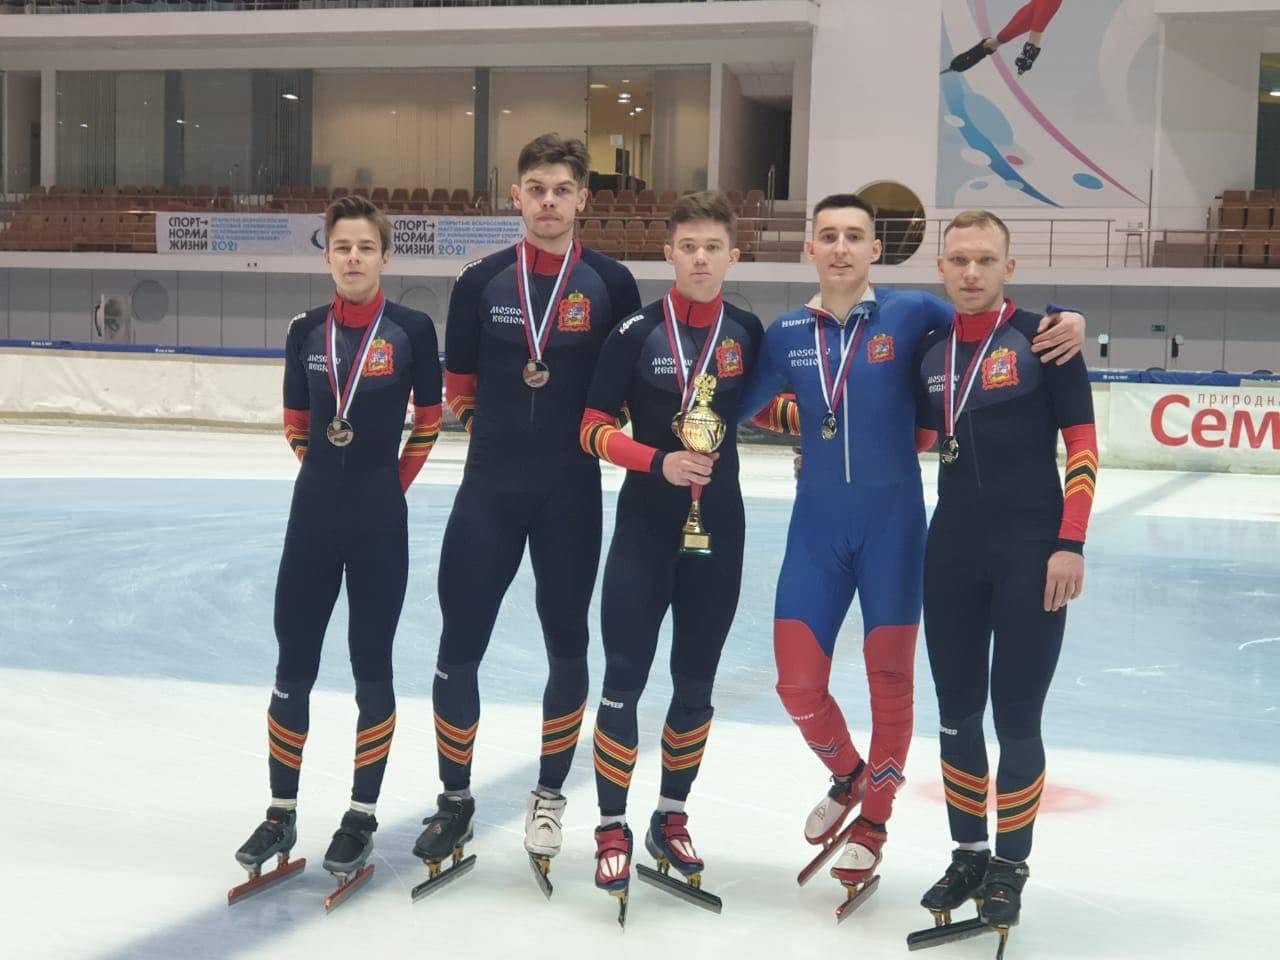 Сборная Подмосковья завоевала серебряные медали на чемпионате России по шорт-треку